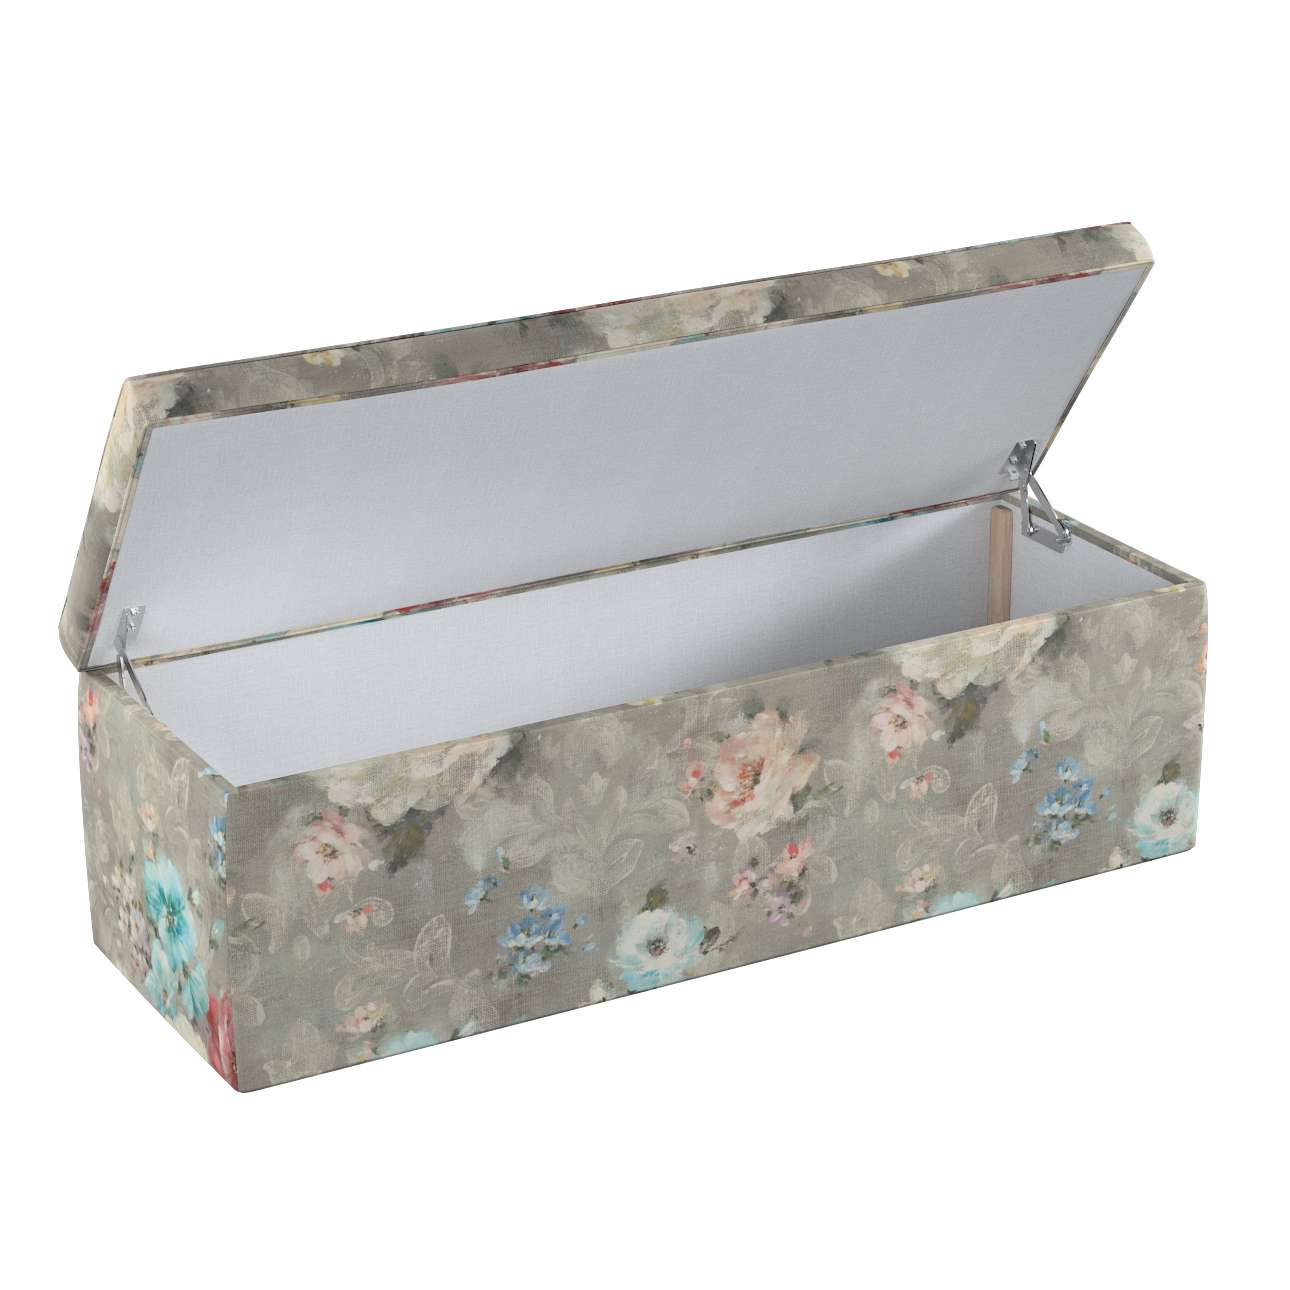 Skrzynia tapicerowana 90x40x40 cm w kolekcji Monet, tkanina: 137-81